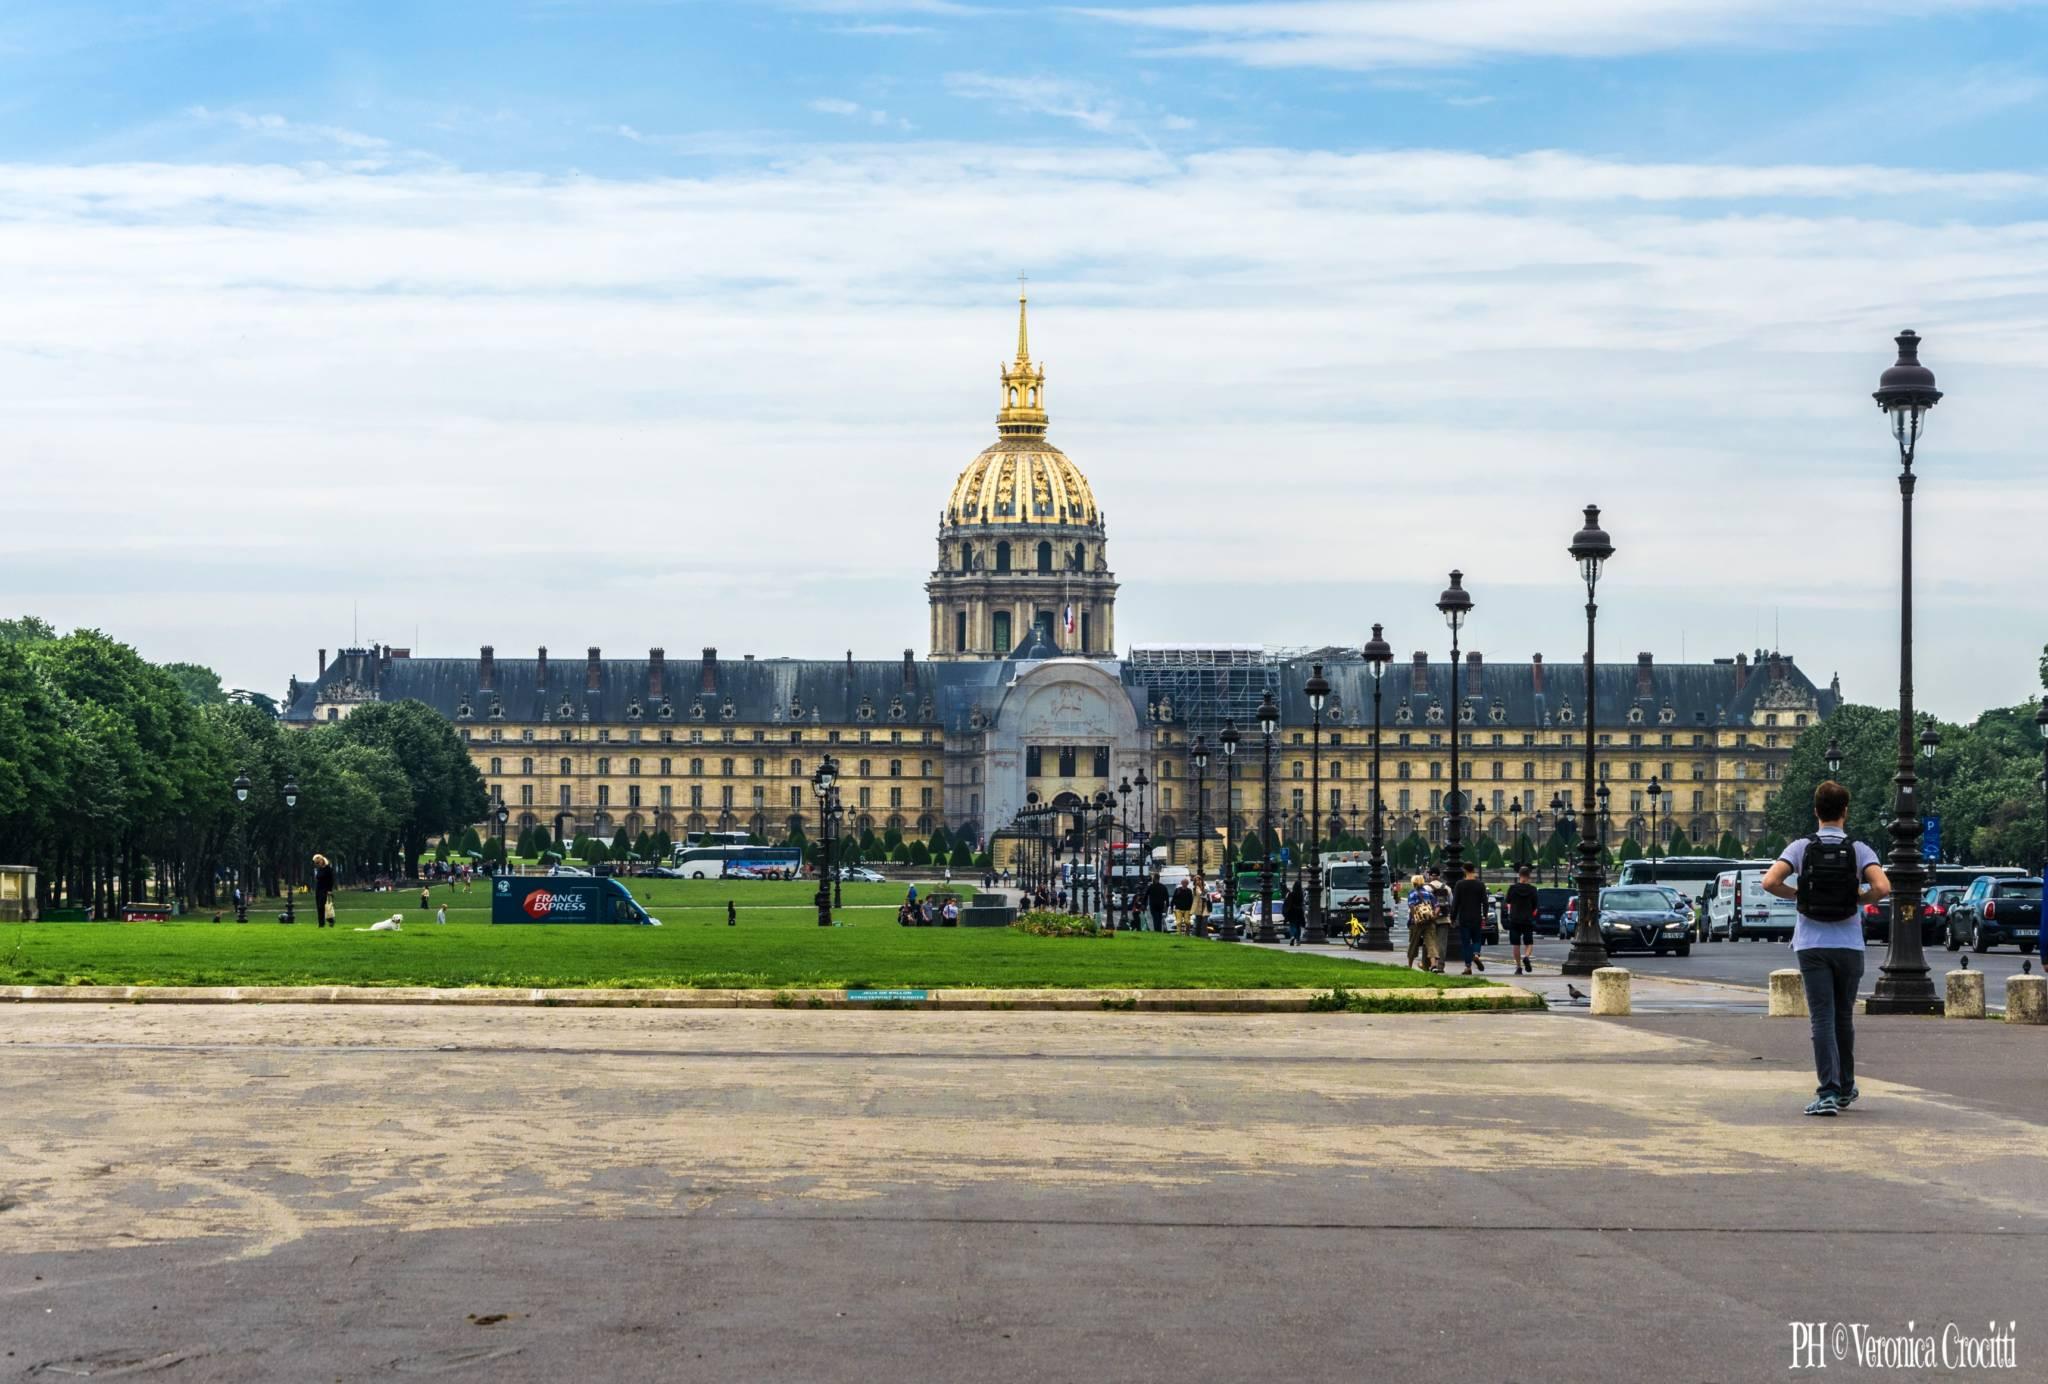 Hôtel des Invalides - Parigi, Francia